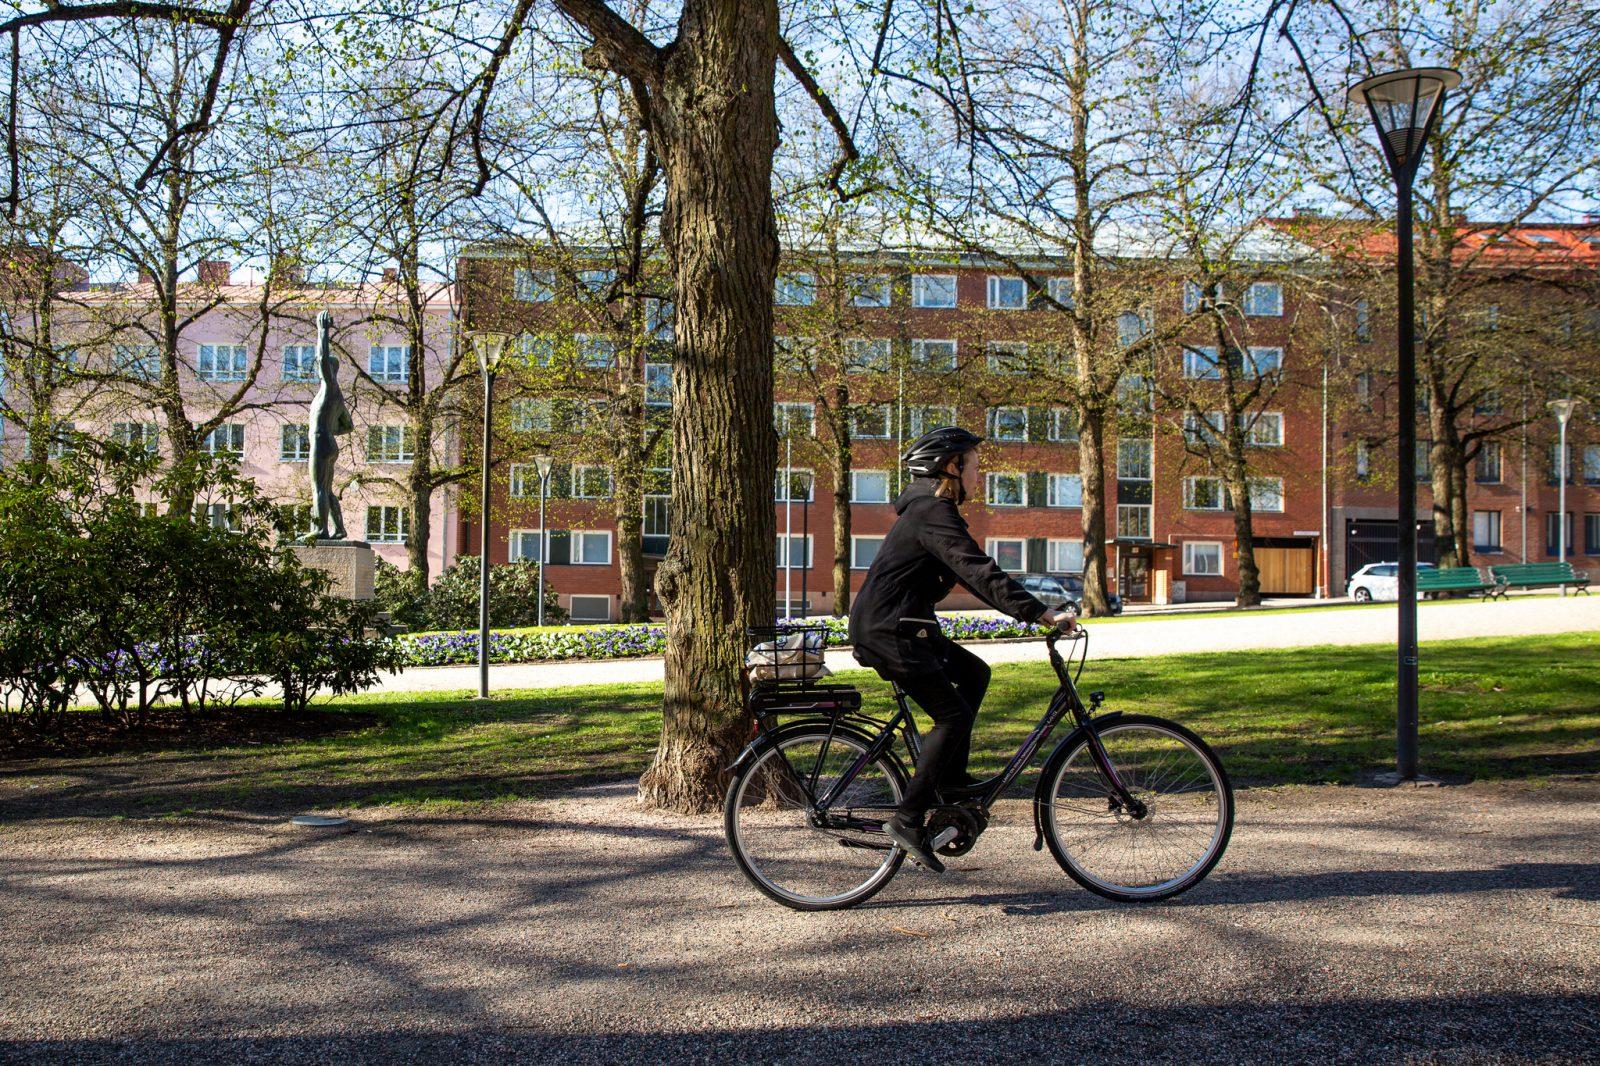 Lahden kaupunkipyörät ovat sähköavusteisia